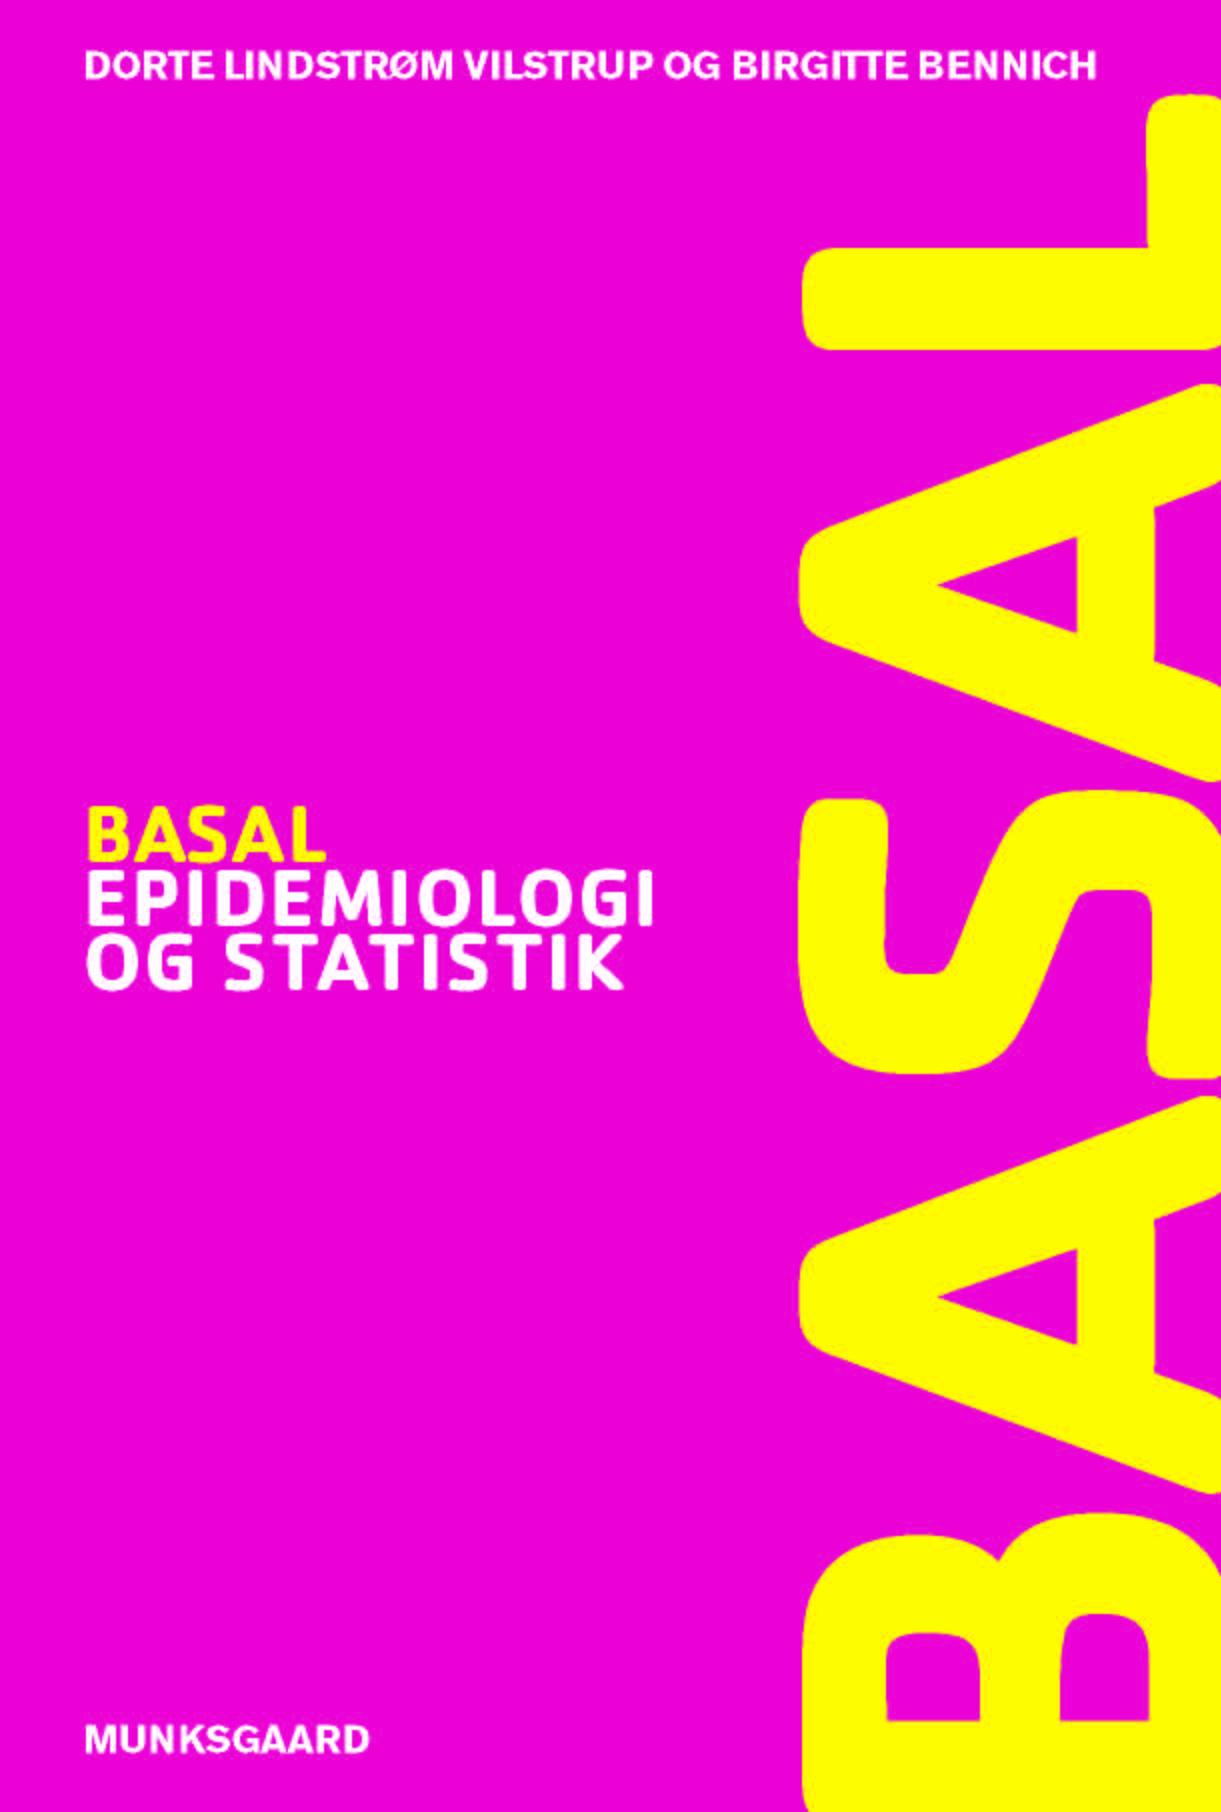 Basal epidemiologi og statistik